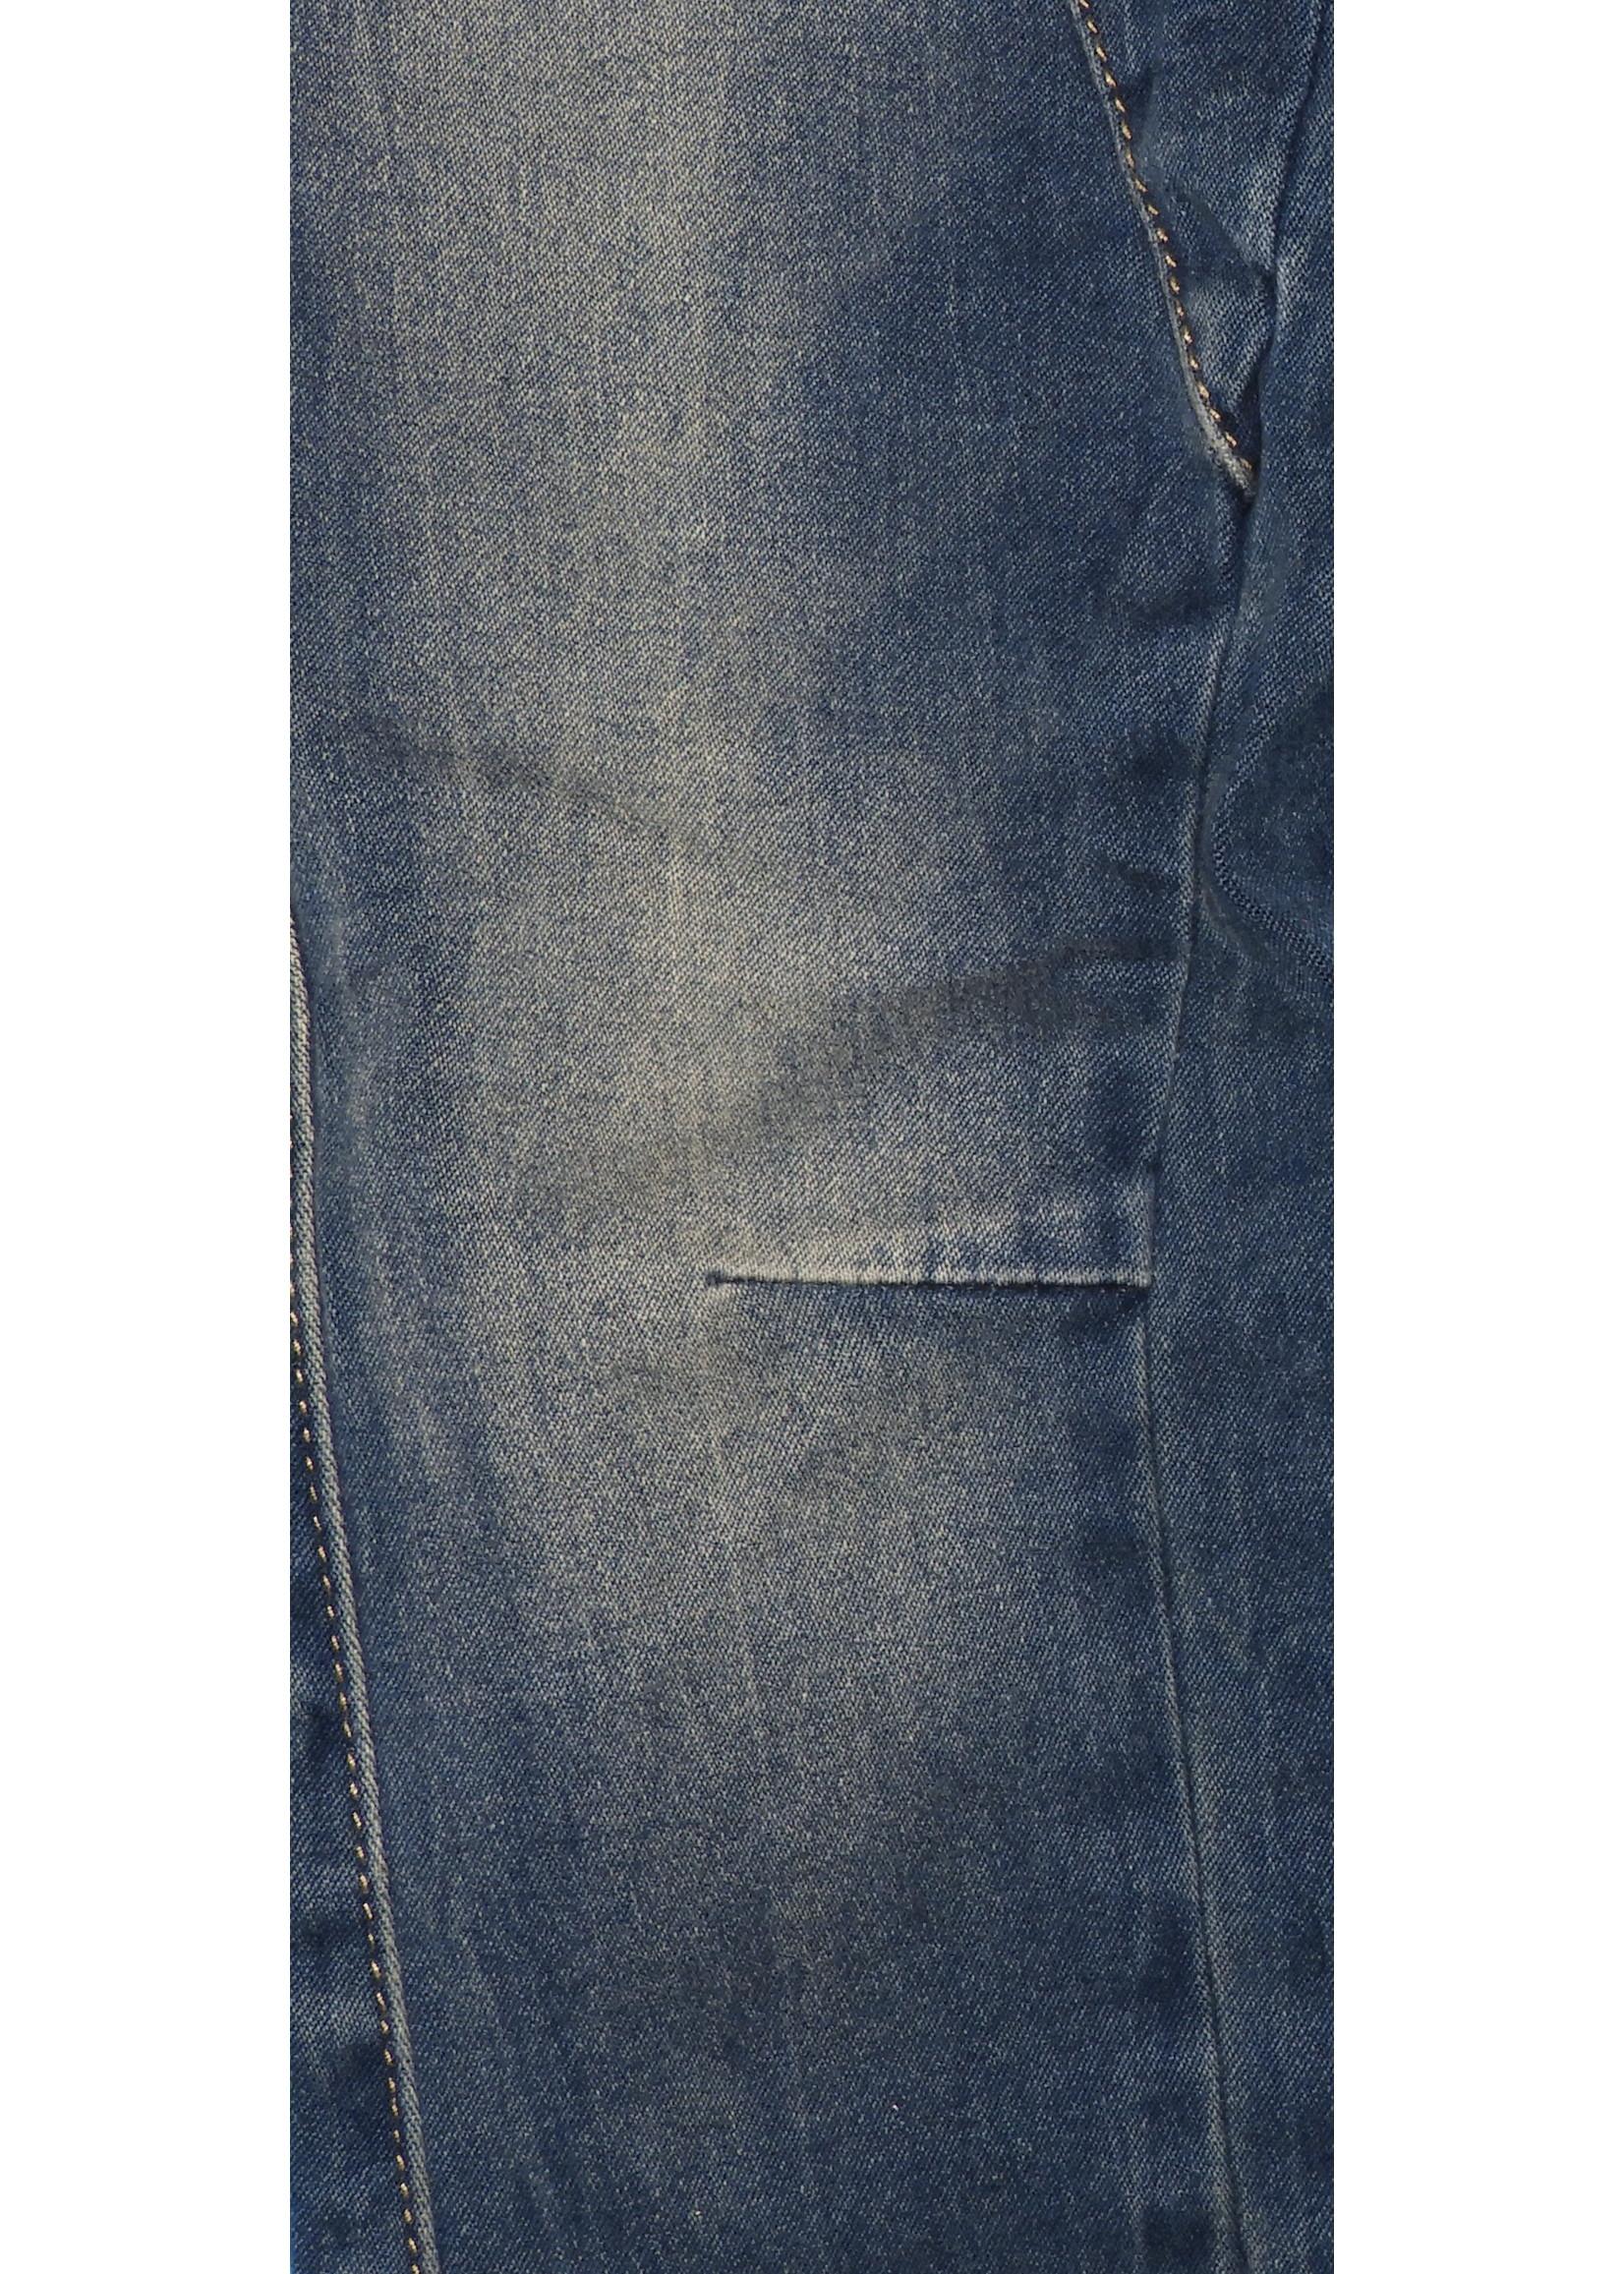 Geisha spijkerbroek maat 116 + 164